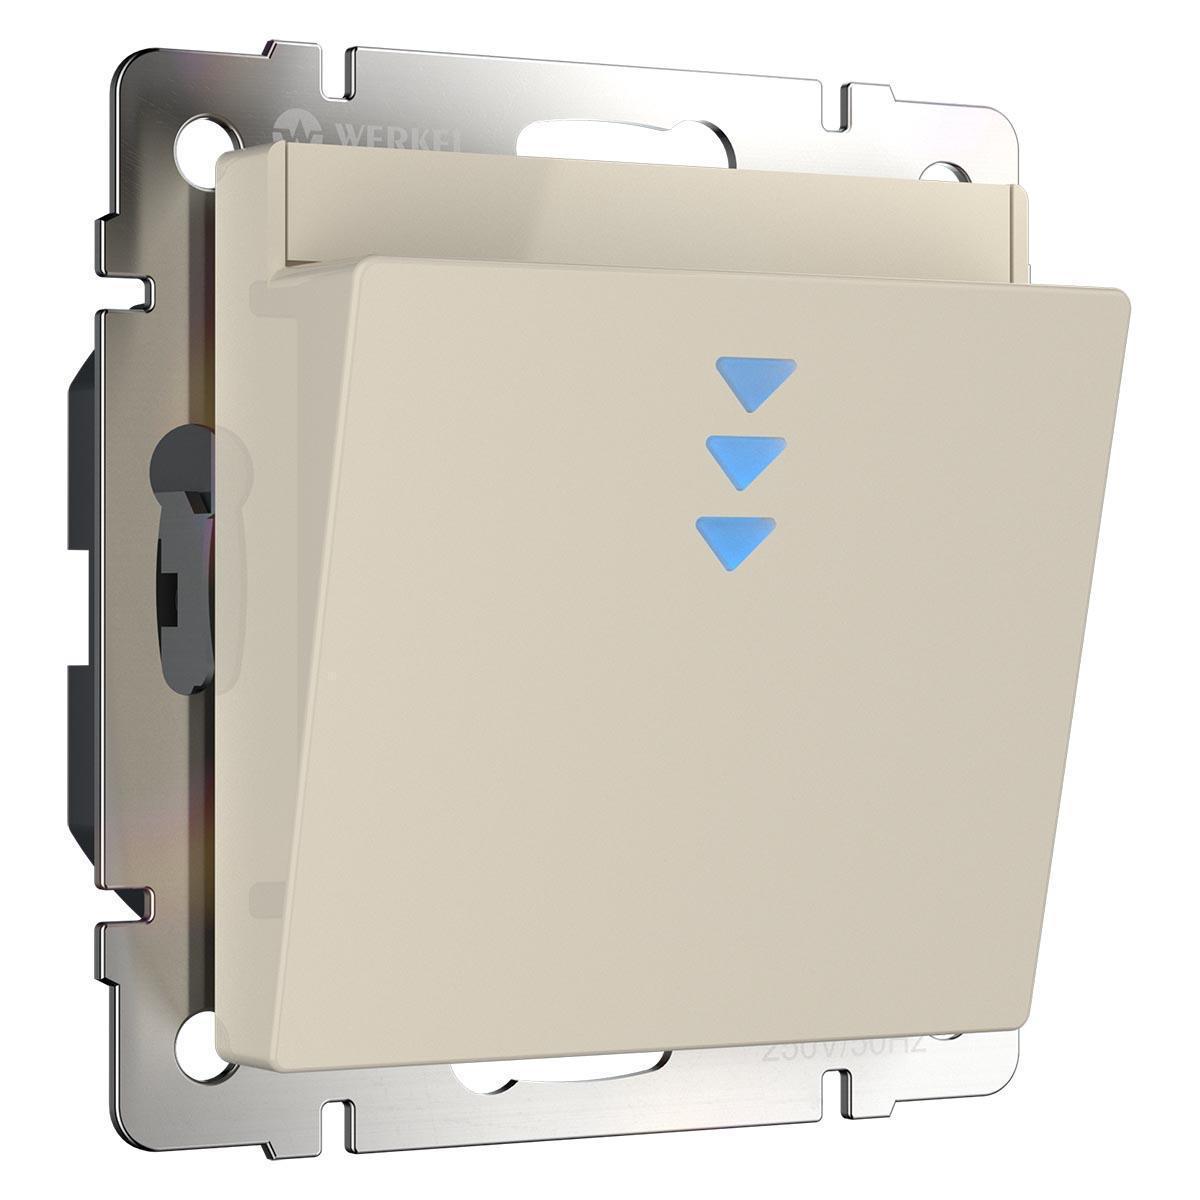 Выключатель карточный Werkel WL03-01-03 слоновая кость 4690389145711